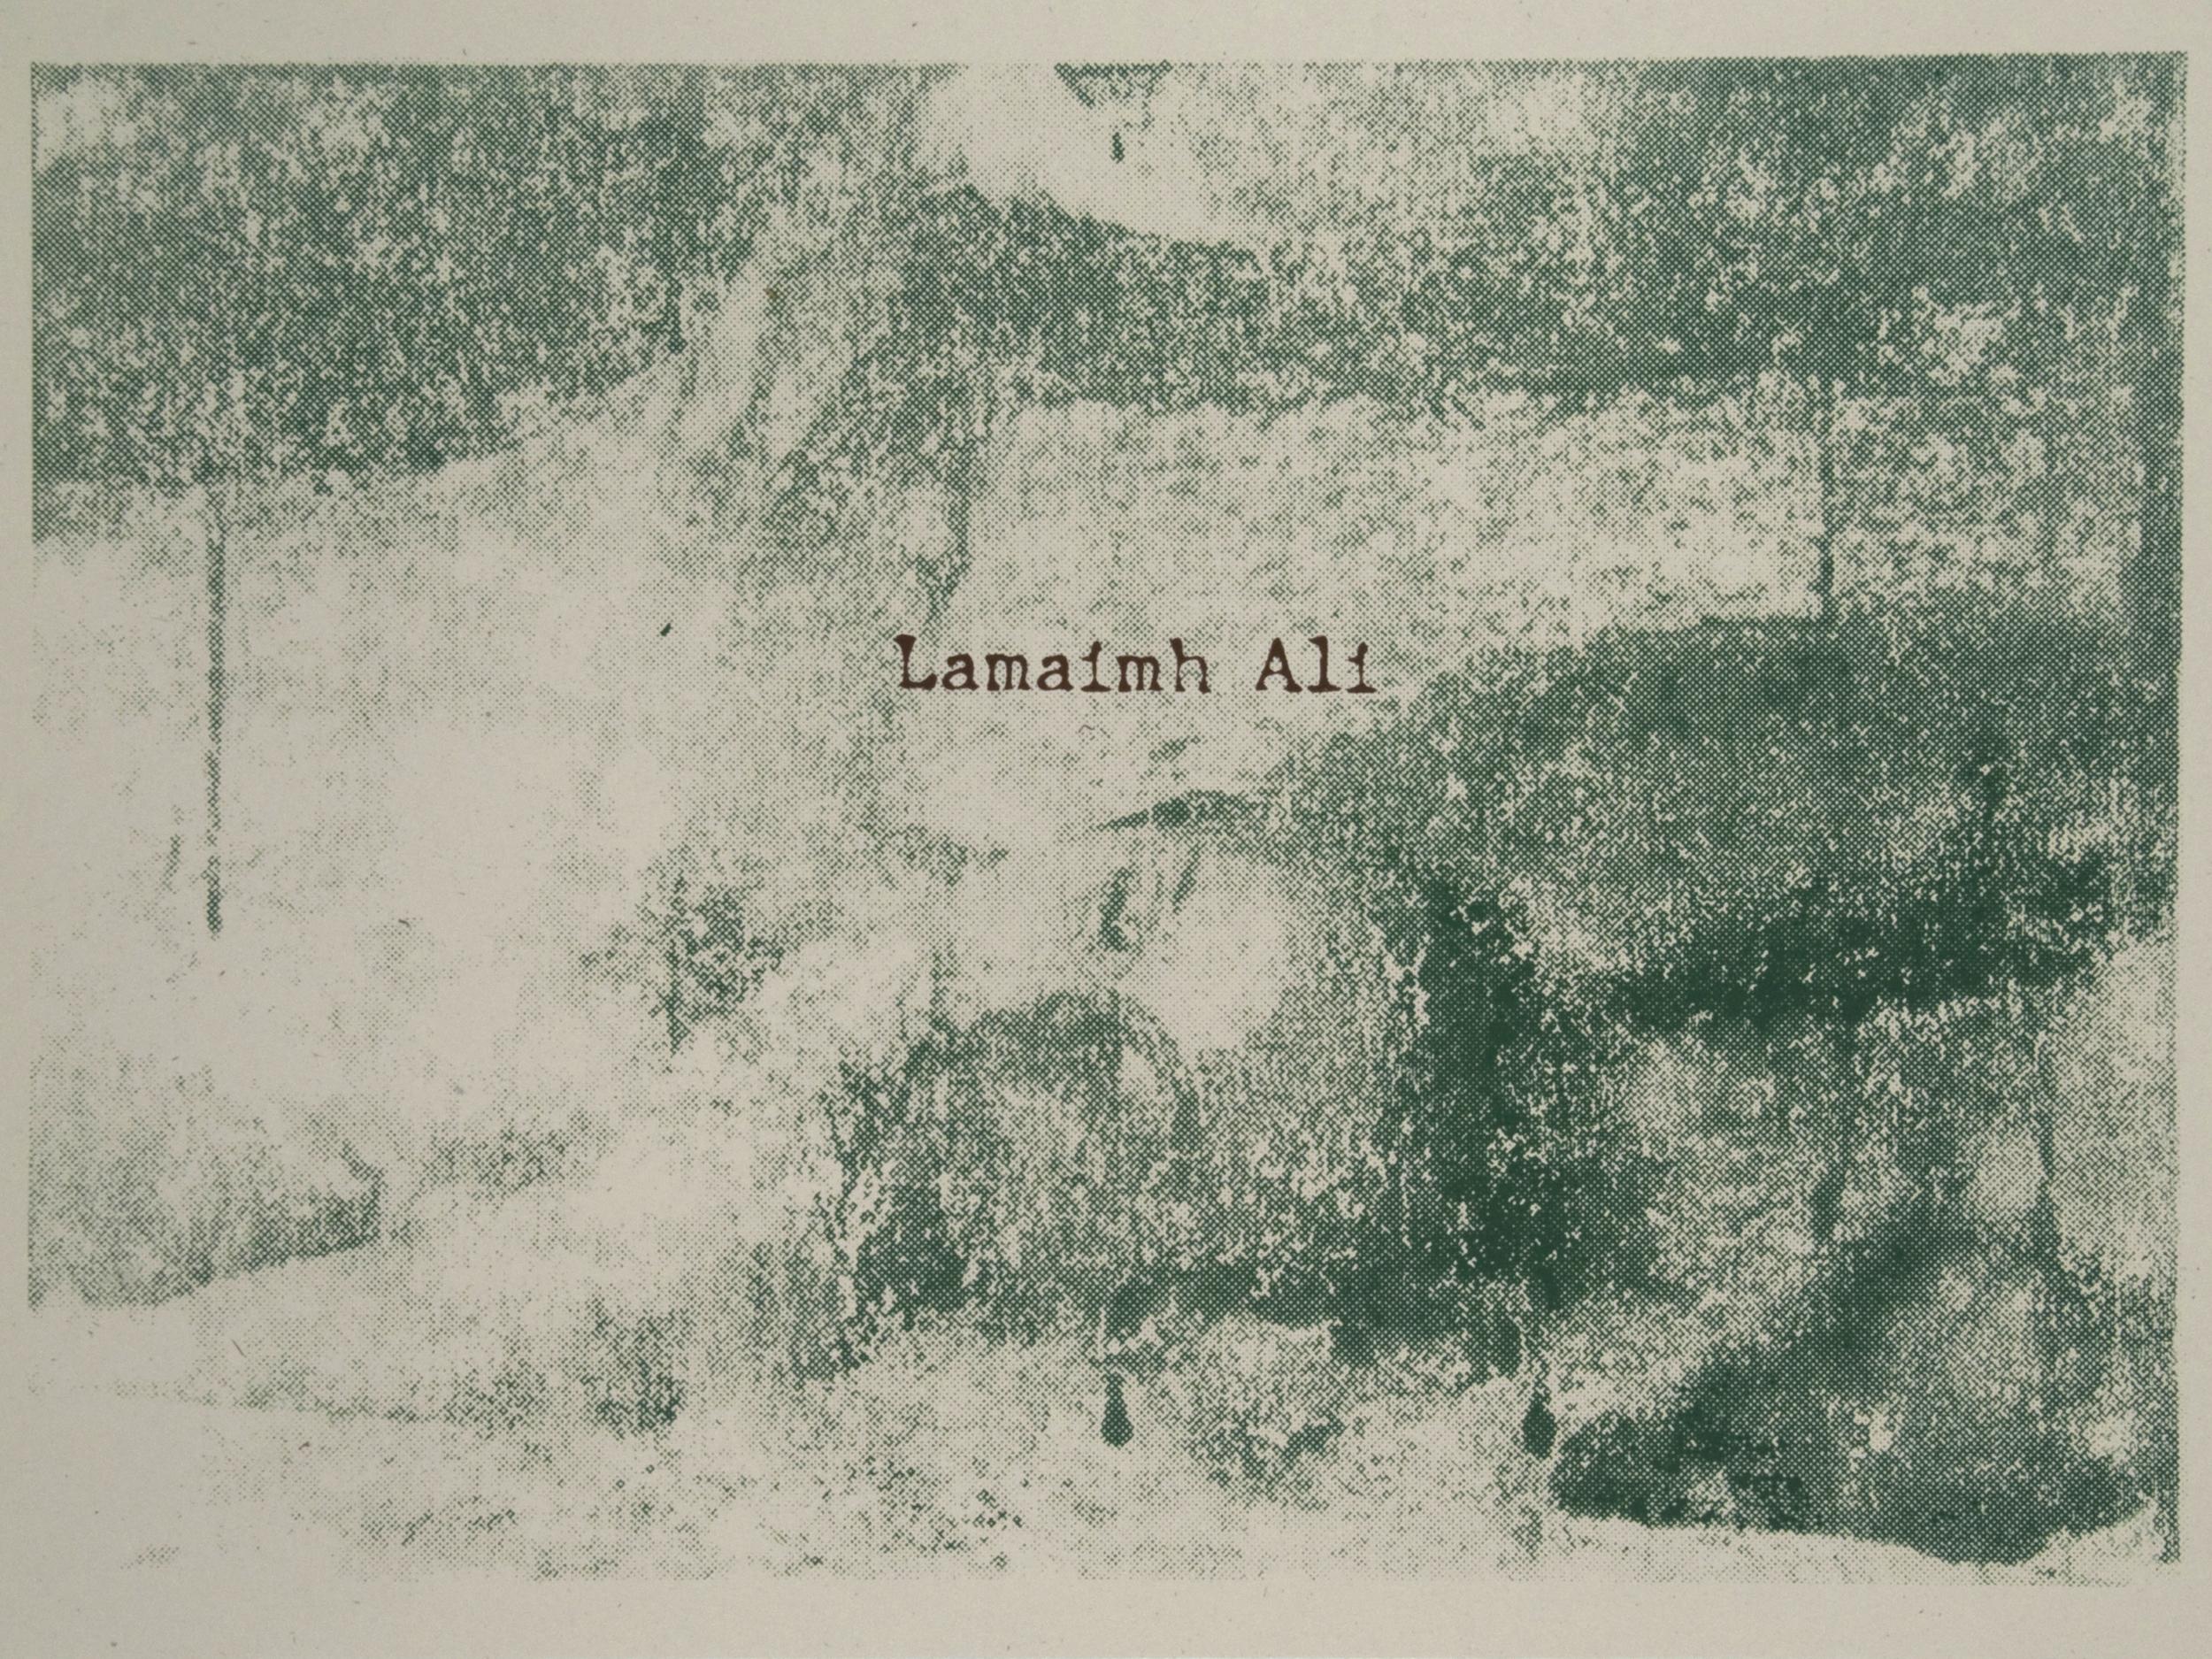 26 Lemiamh Ali by Ash Kyrie.jpg